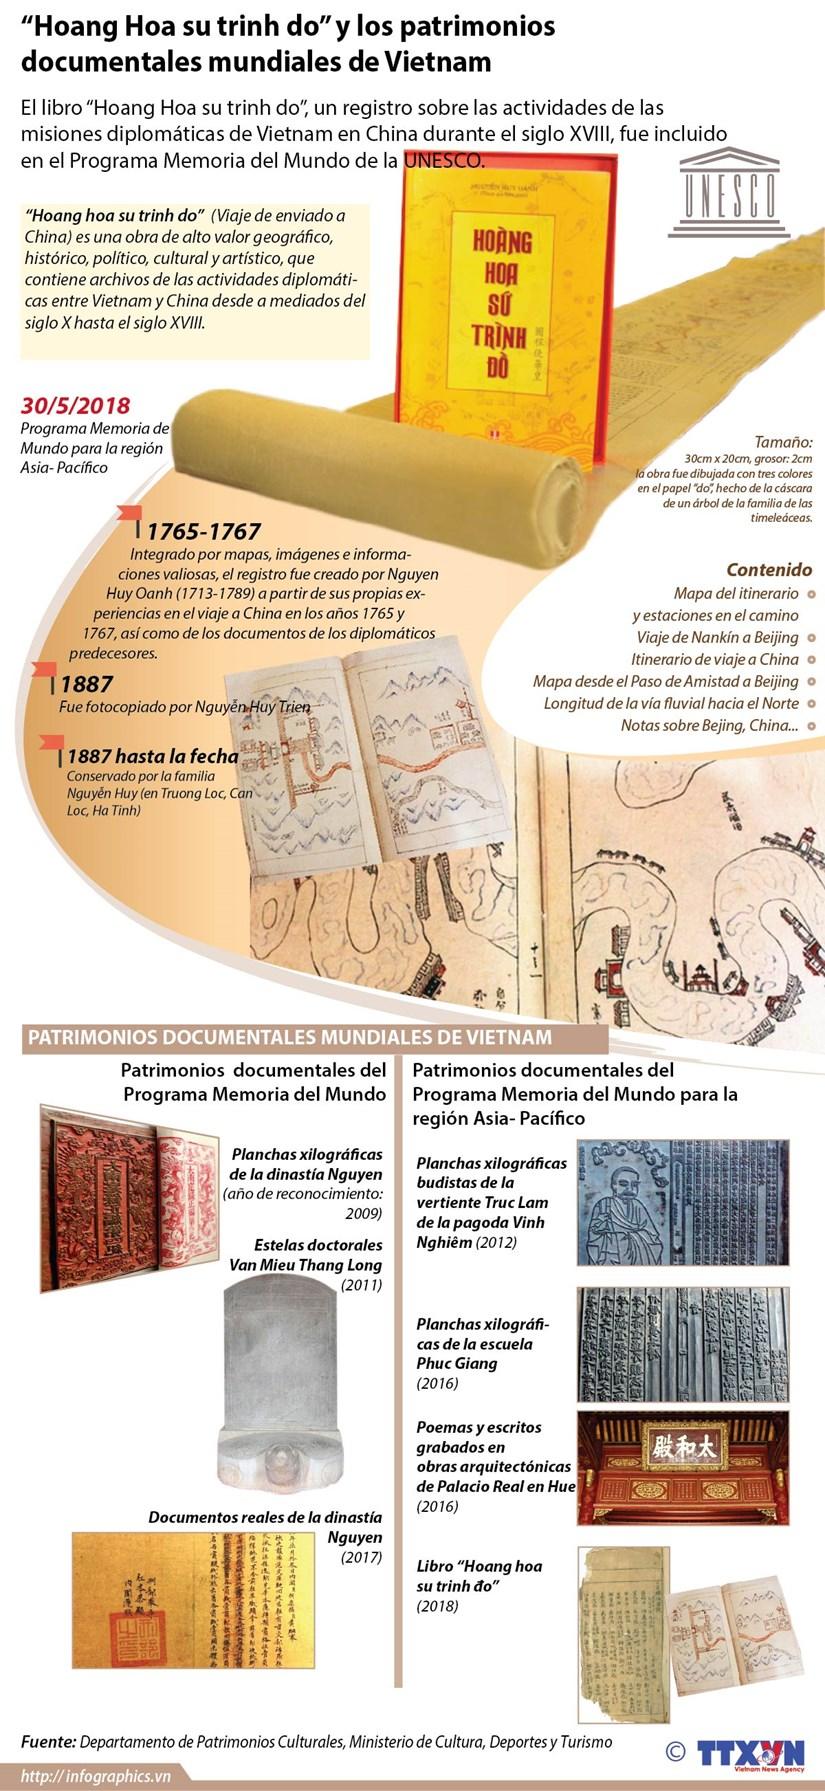 [Infografia] Patrimonios documentales de Vietnam hinh anh 1